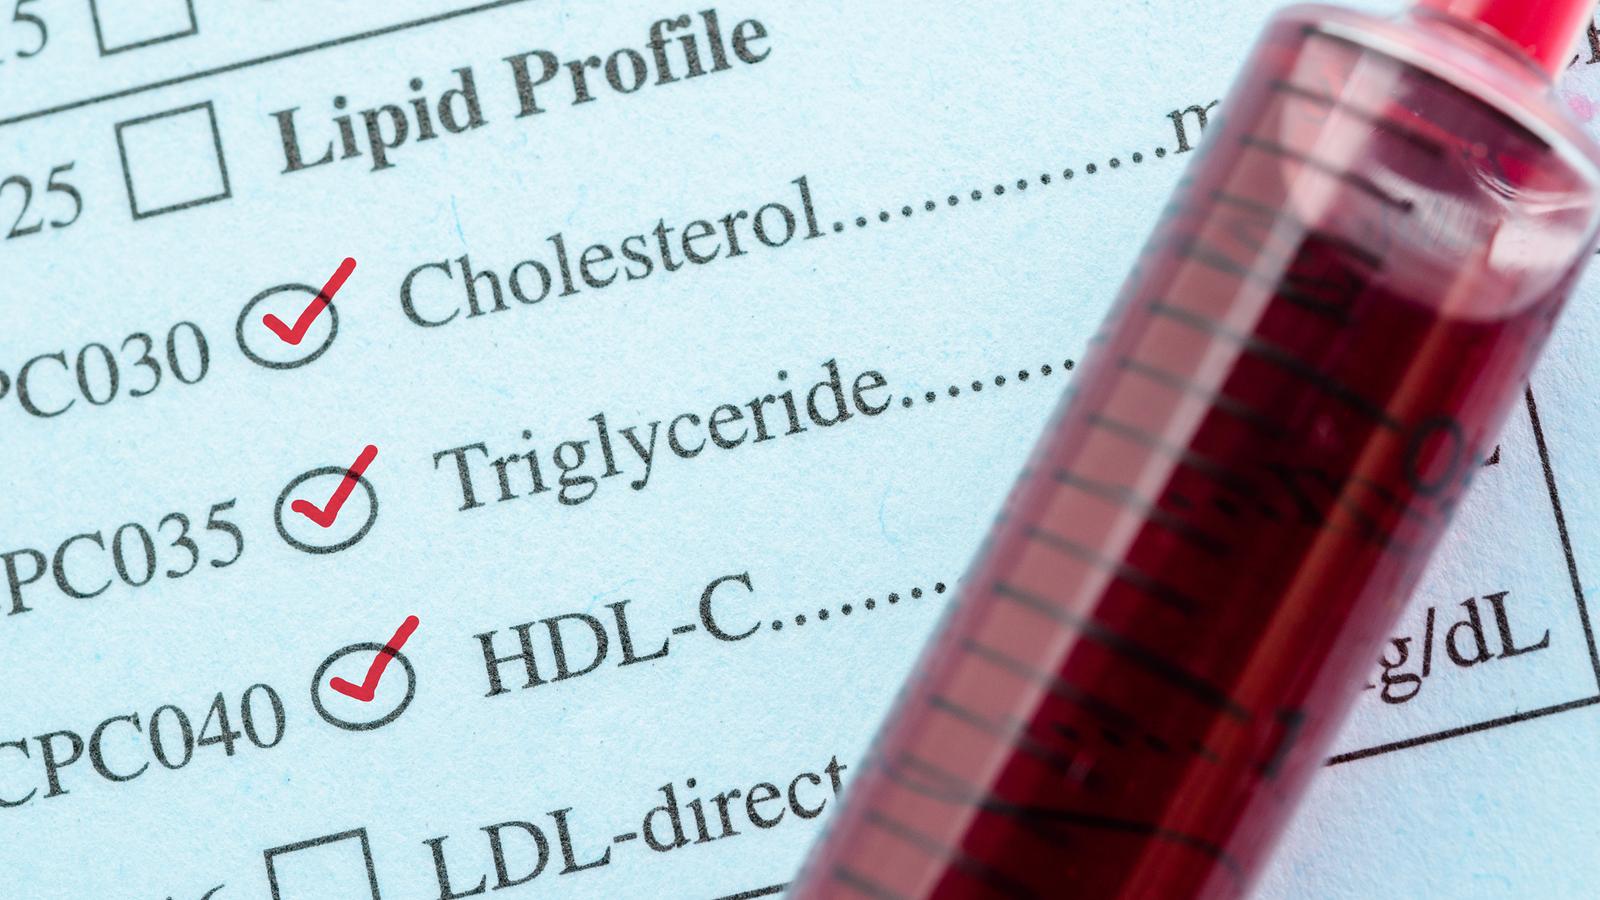 mi az étrend a magas koleszterinszint csökkentésére status